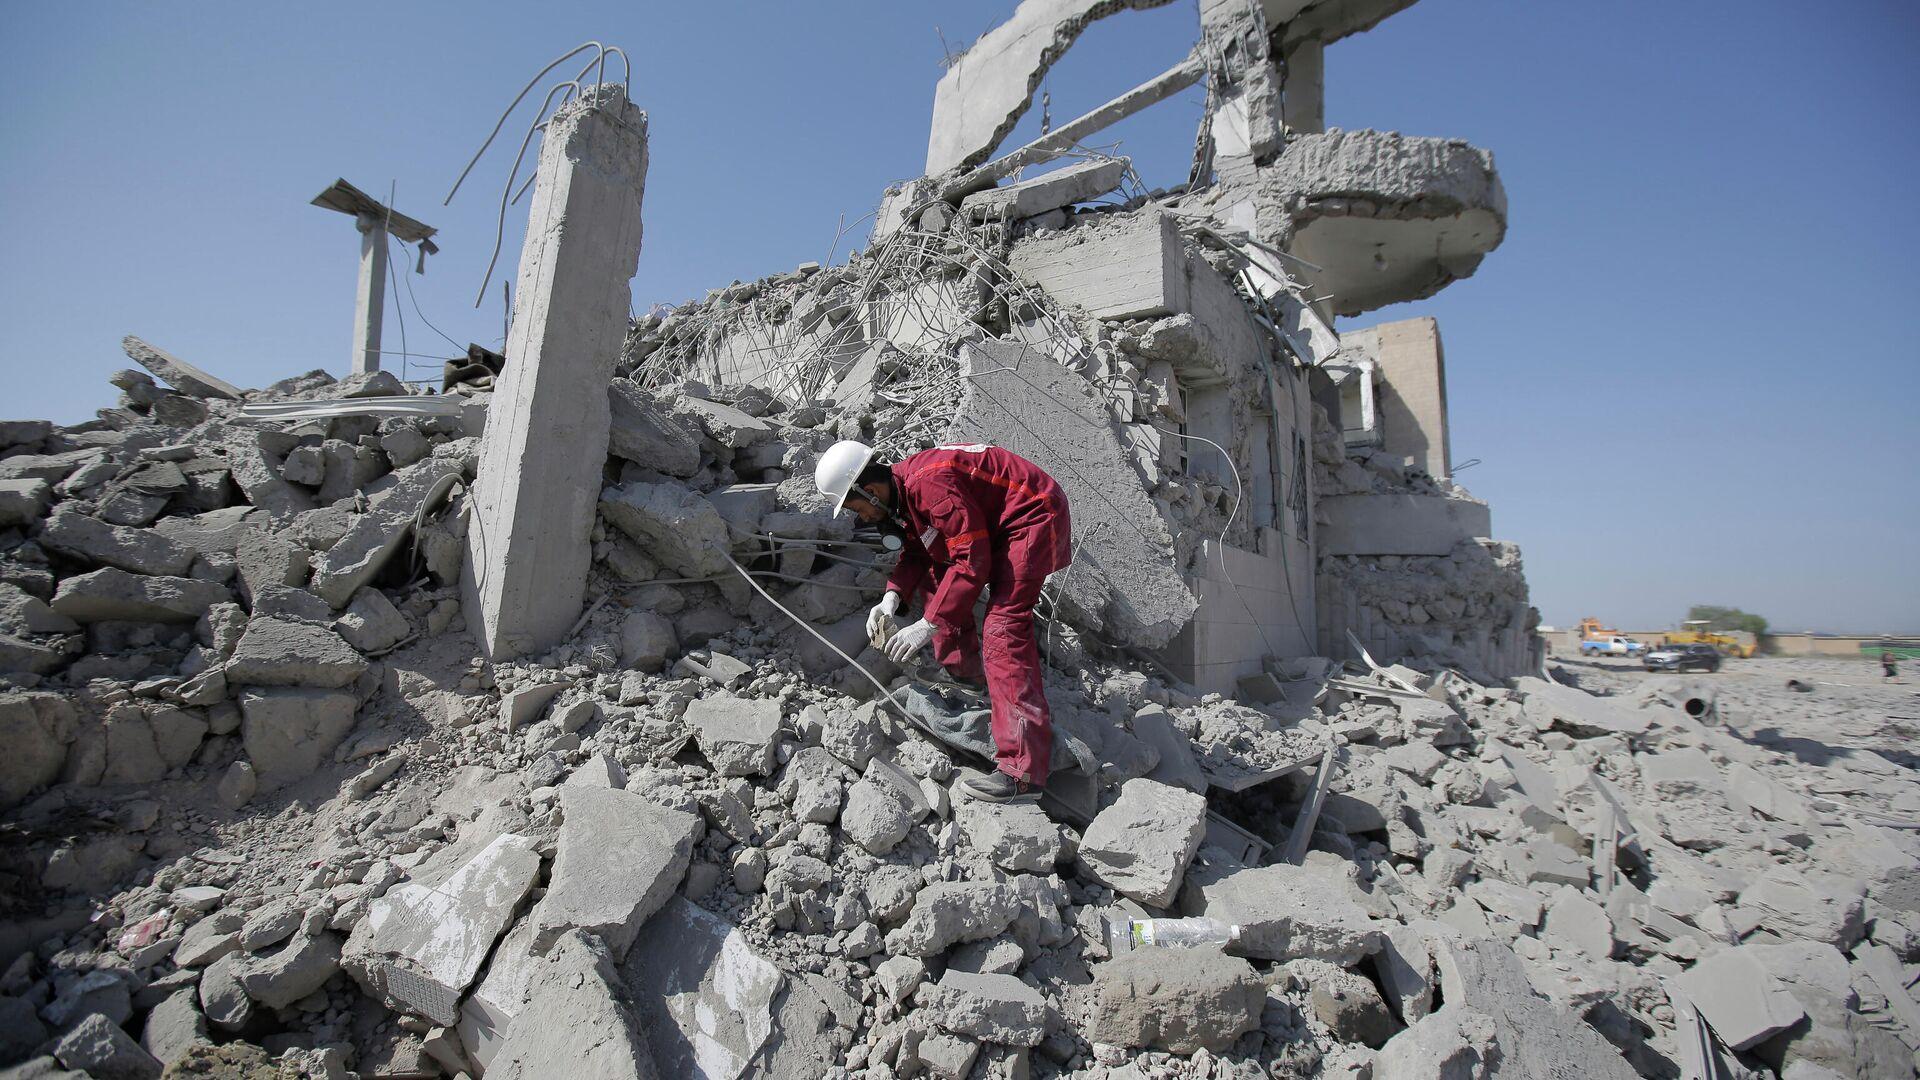 Разрушения в провинции Дхамар на юго-западе Йемена - РИА Новости, 1920, 29.07.2020